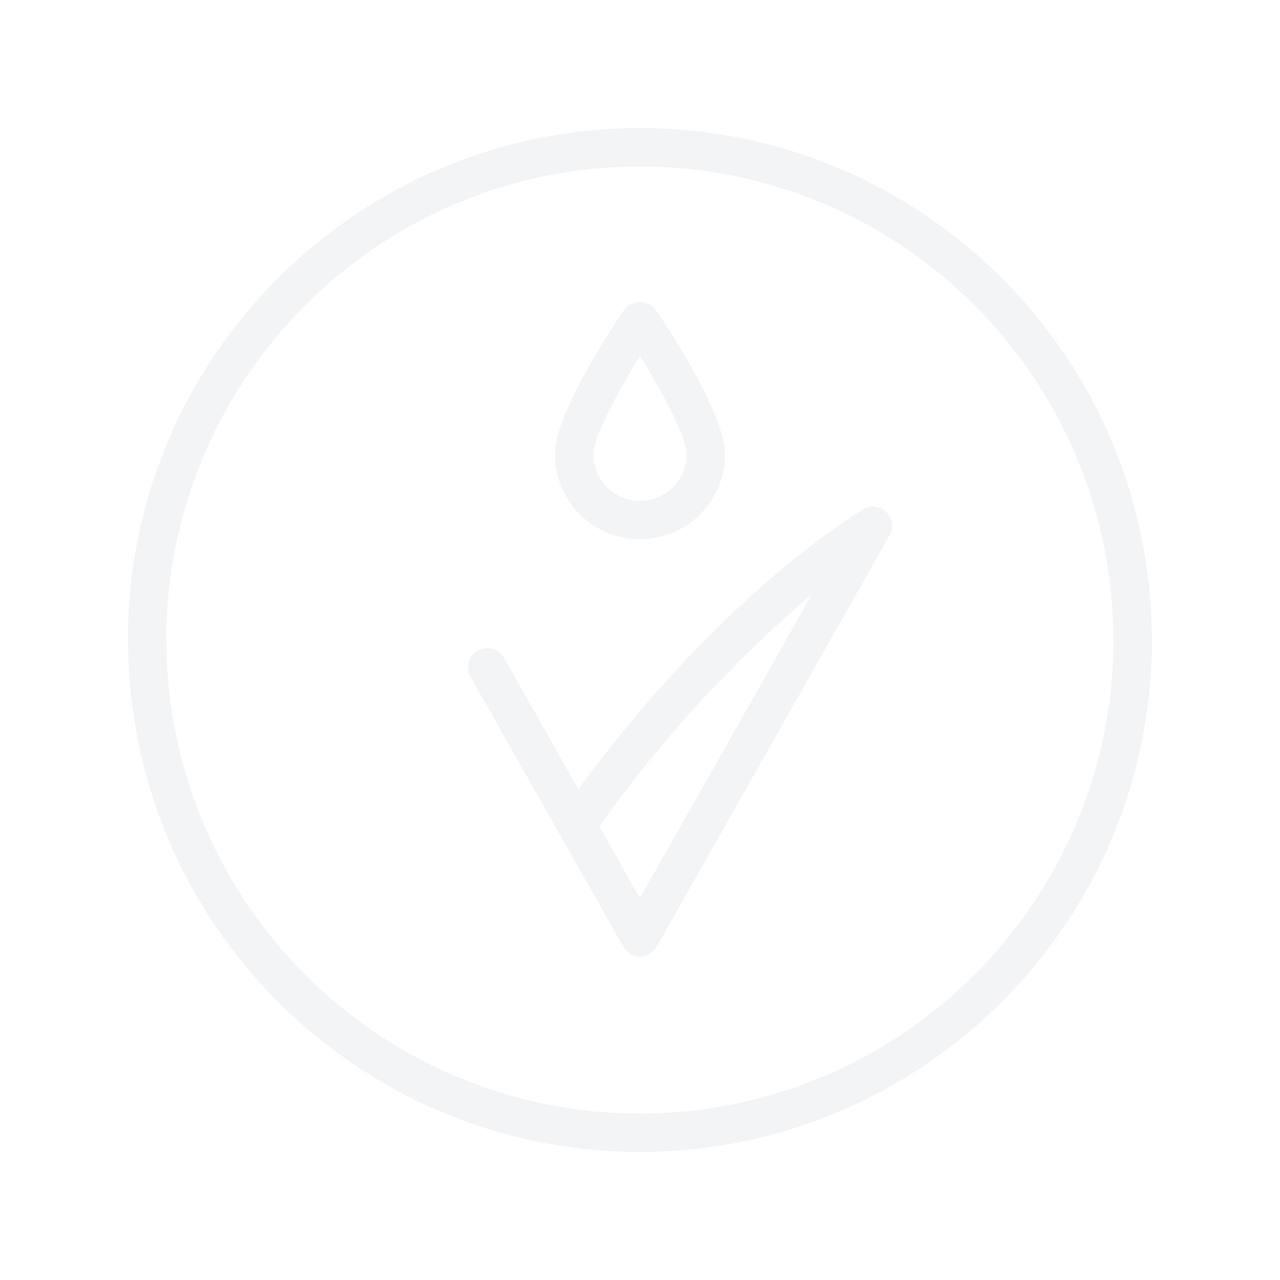 GOSH Donoderm Hand & Nail Cream крем для рук 30ml